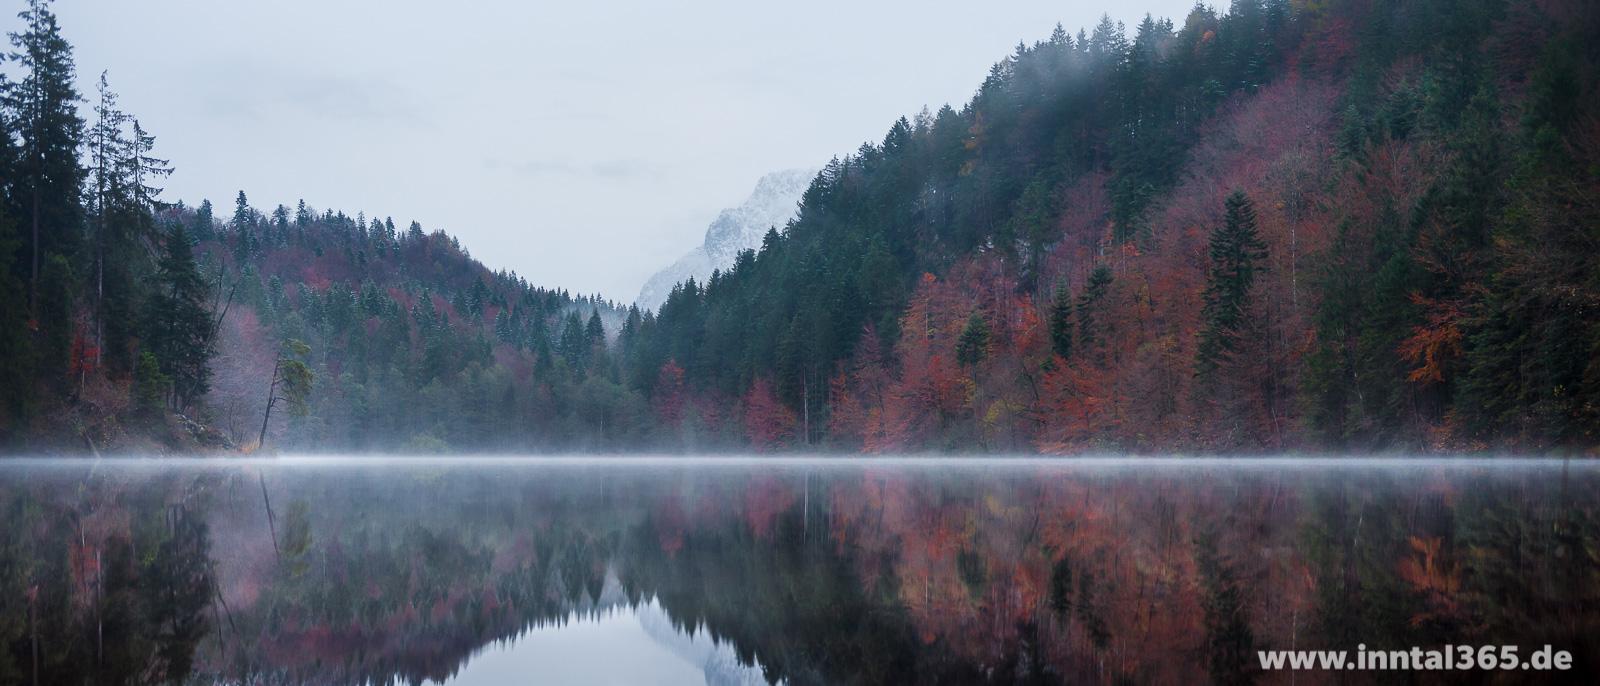 07.11.2016 - Der Längsee bei Kufstein bietet im Herbst immer schöne Motive - selbst bei schlechtem Wetter.